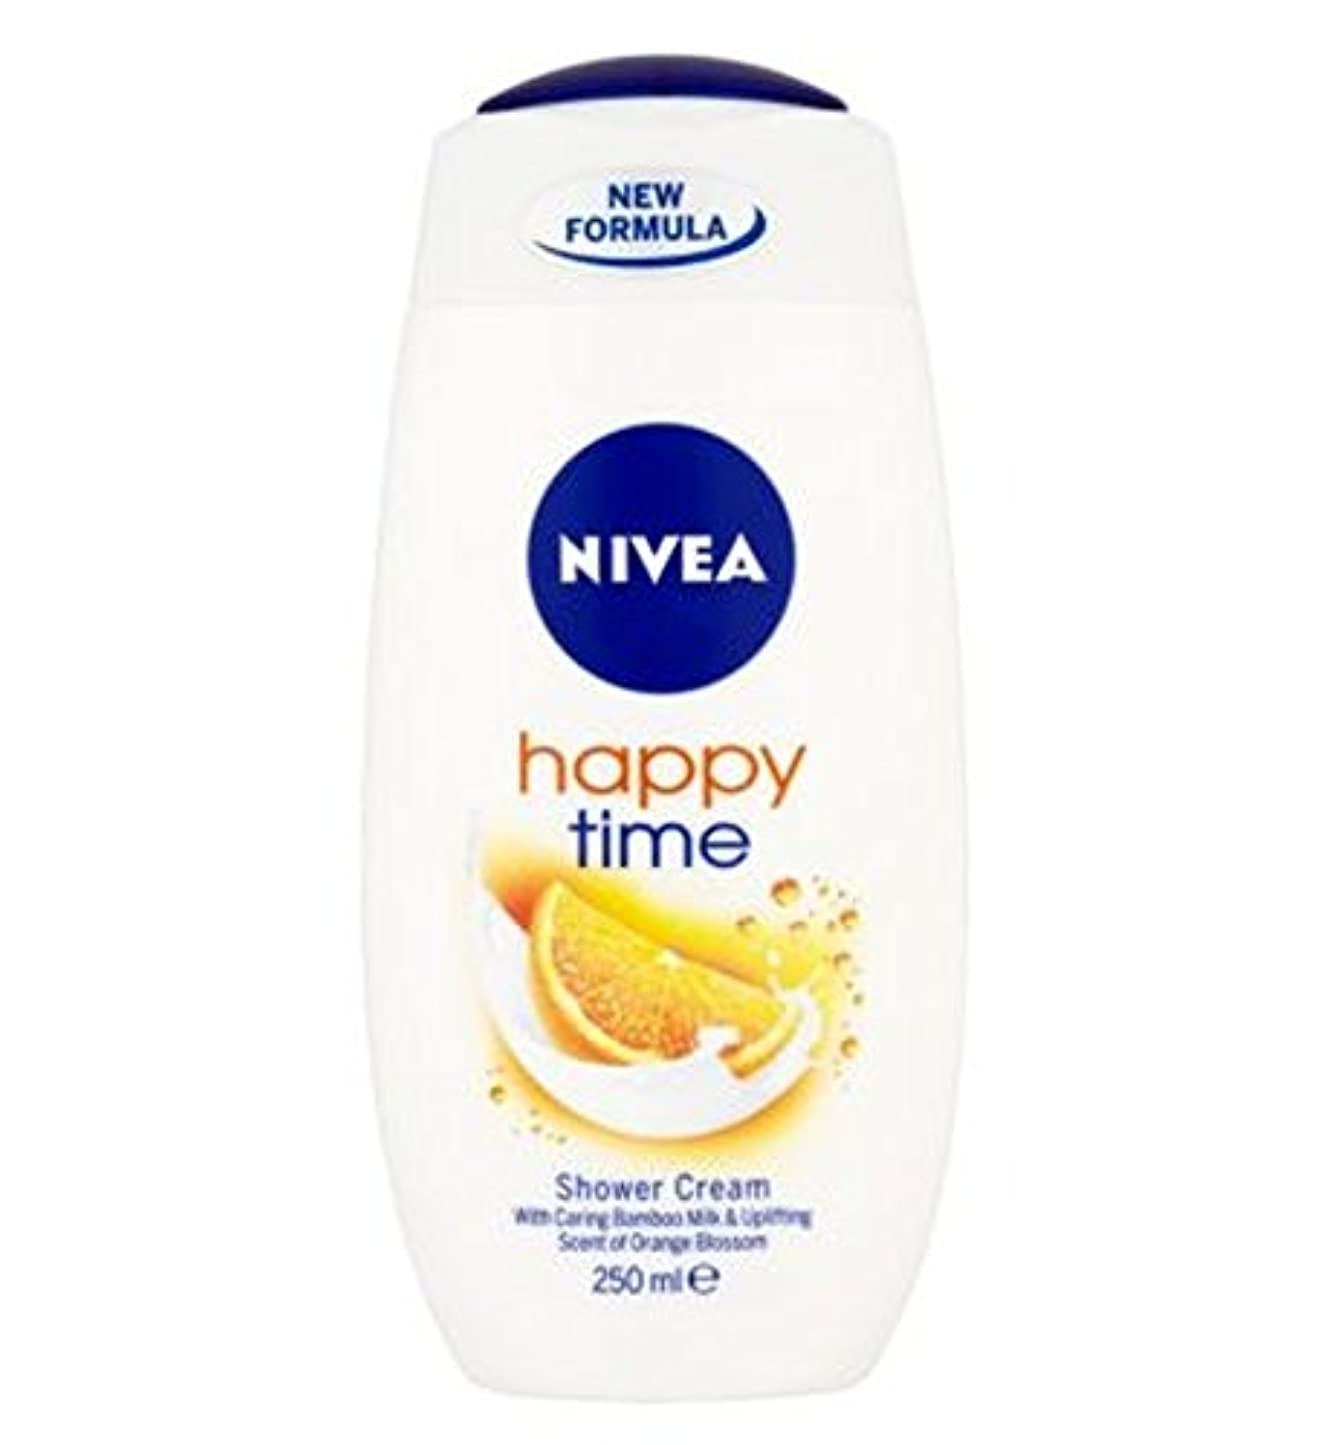 田舎看板平等ニベア幸せな時間シャワークリーム250ミリリットル (Nivea) (x2) - NIVEA Happy Time Shower Cream 250ml (Pack of 2) [並行輸入品]